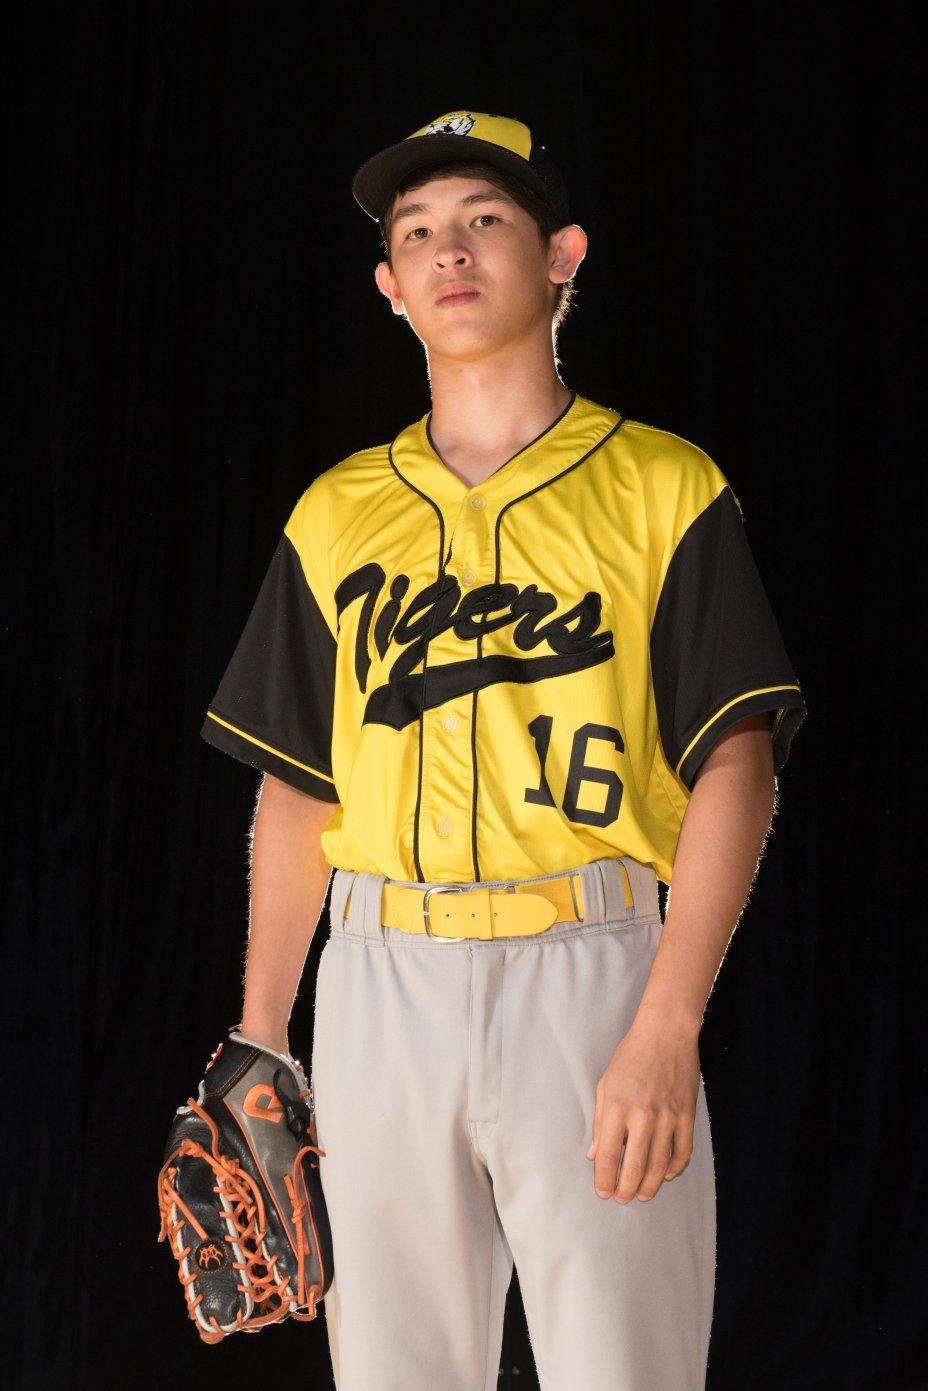 Season 1 WABX HS Varsity Portraits 104